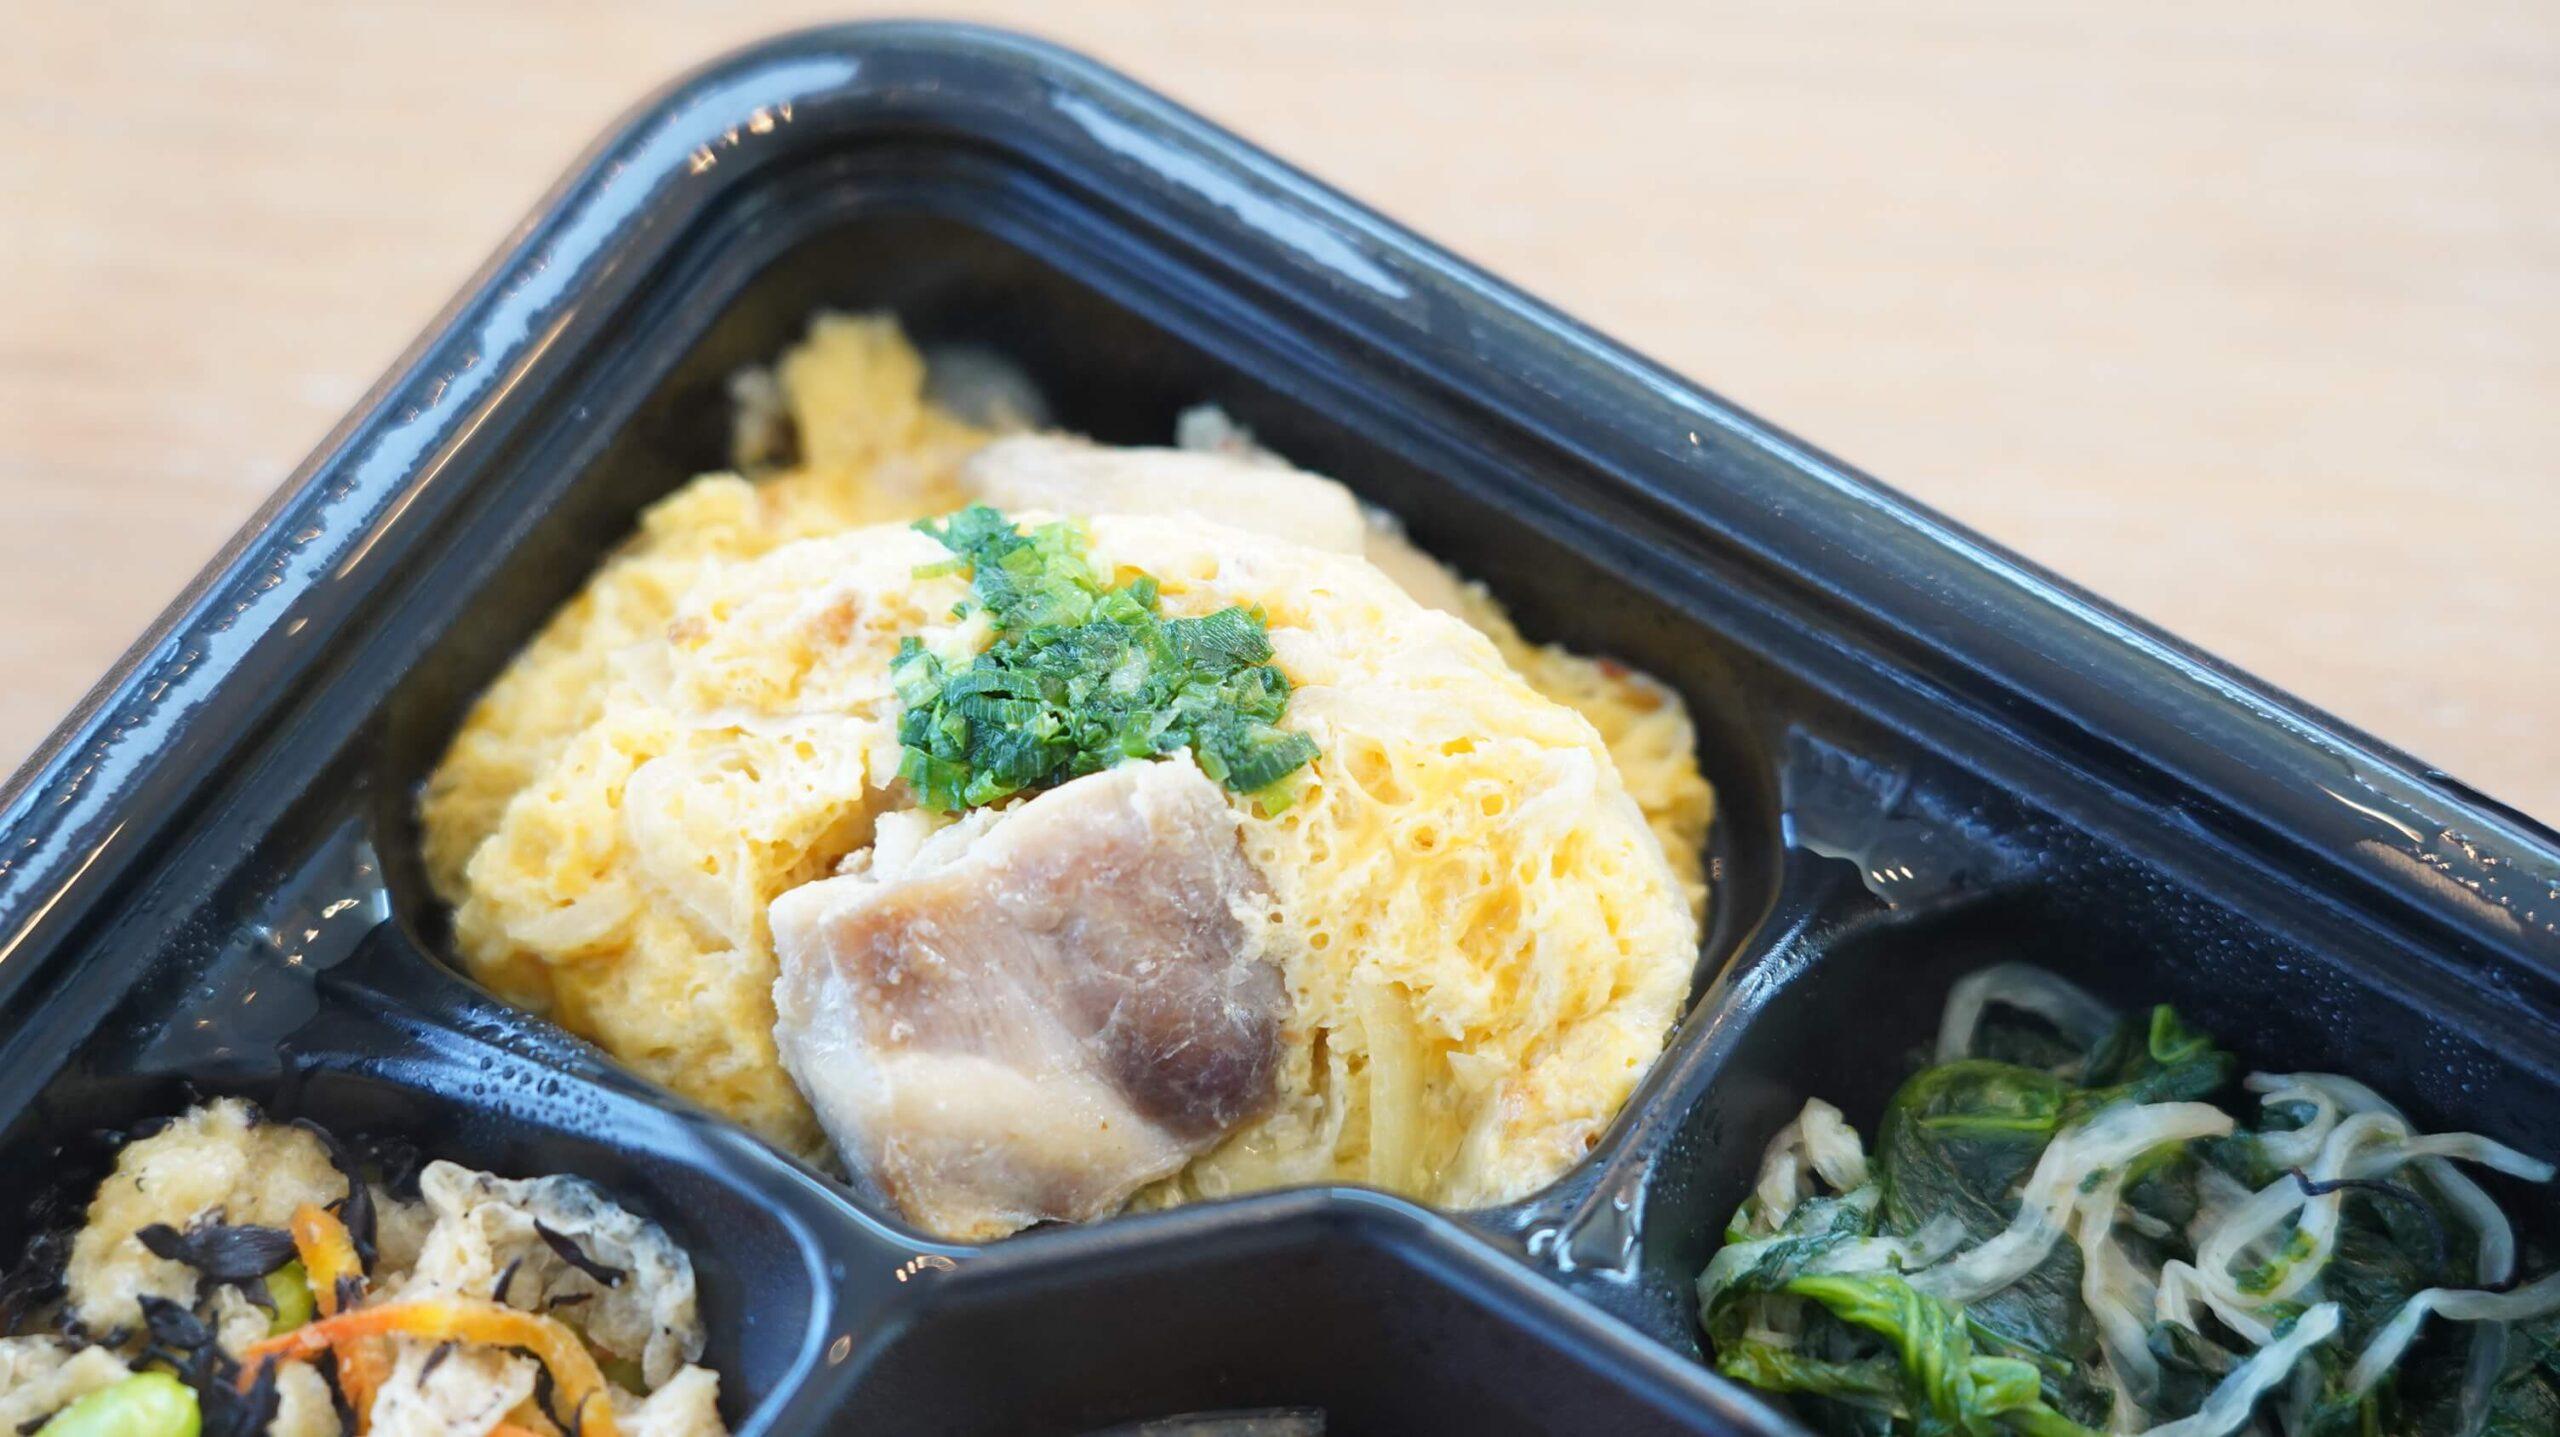 ライザップのサポートミール「豚の生姜焼き」の「鶏肉入り卵焼き」の写真